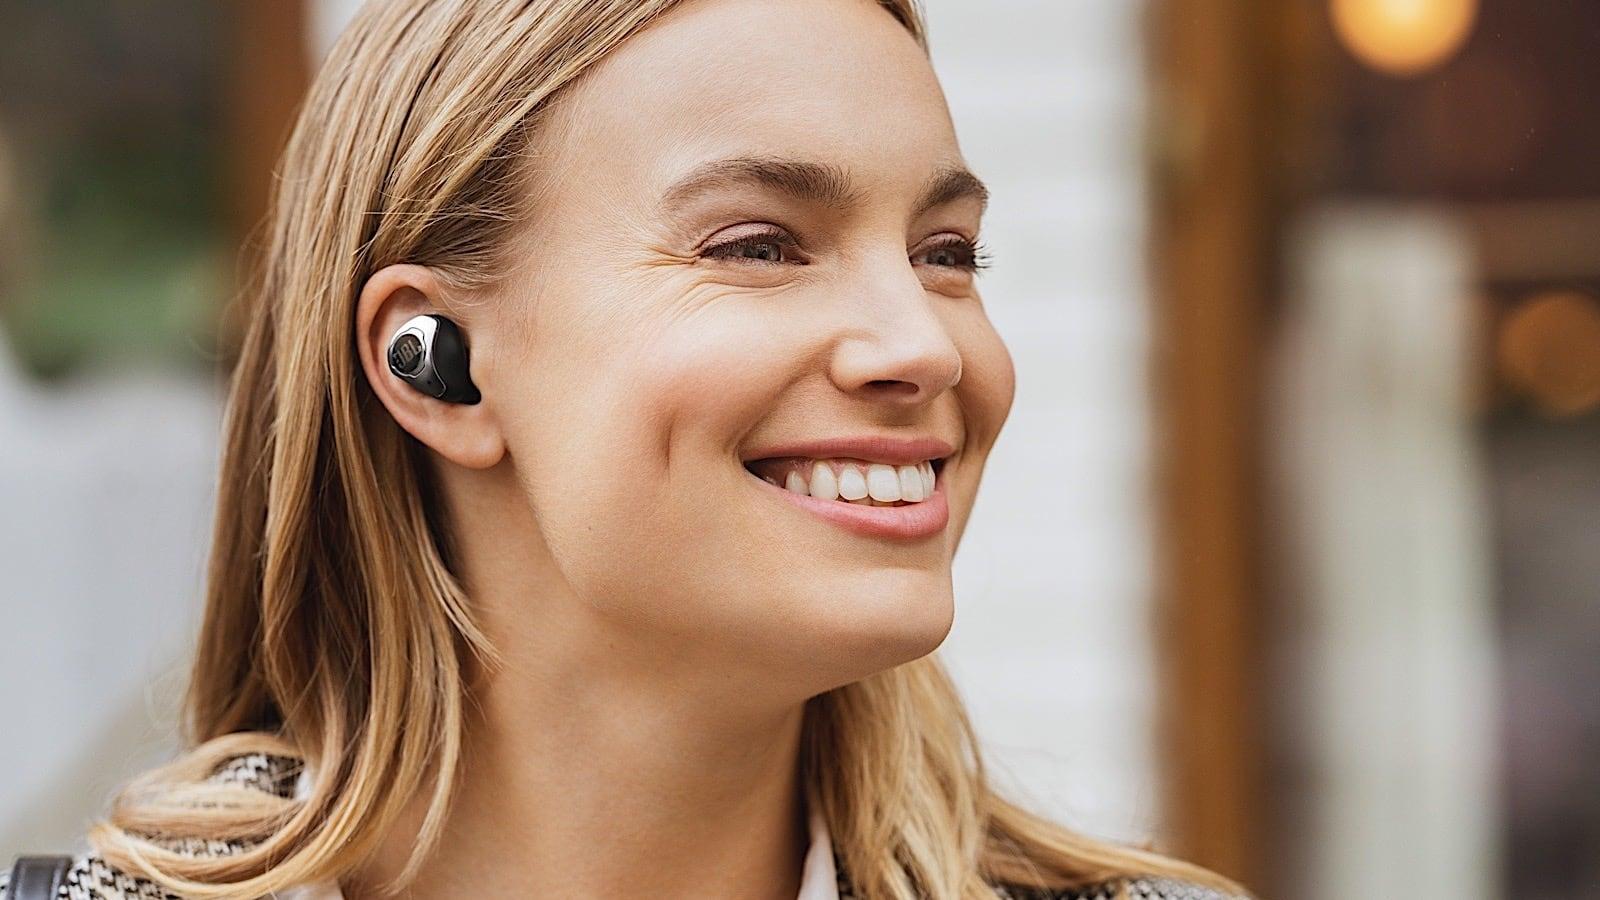 JBL Club Pro+ true wireless in-ear headphones offer active noise cancelation